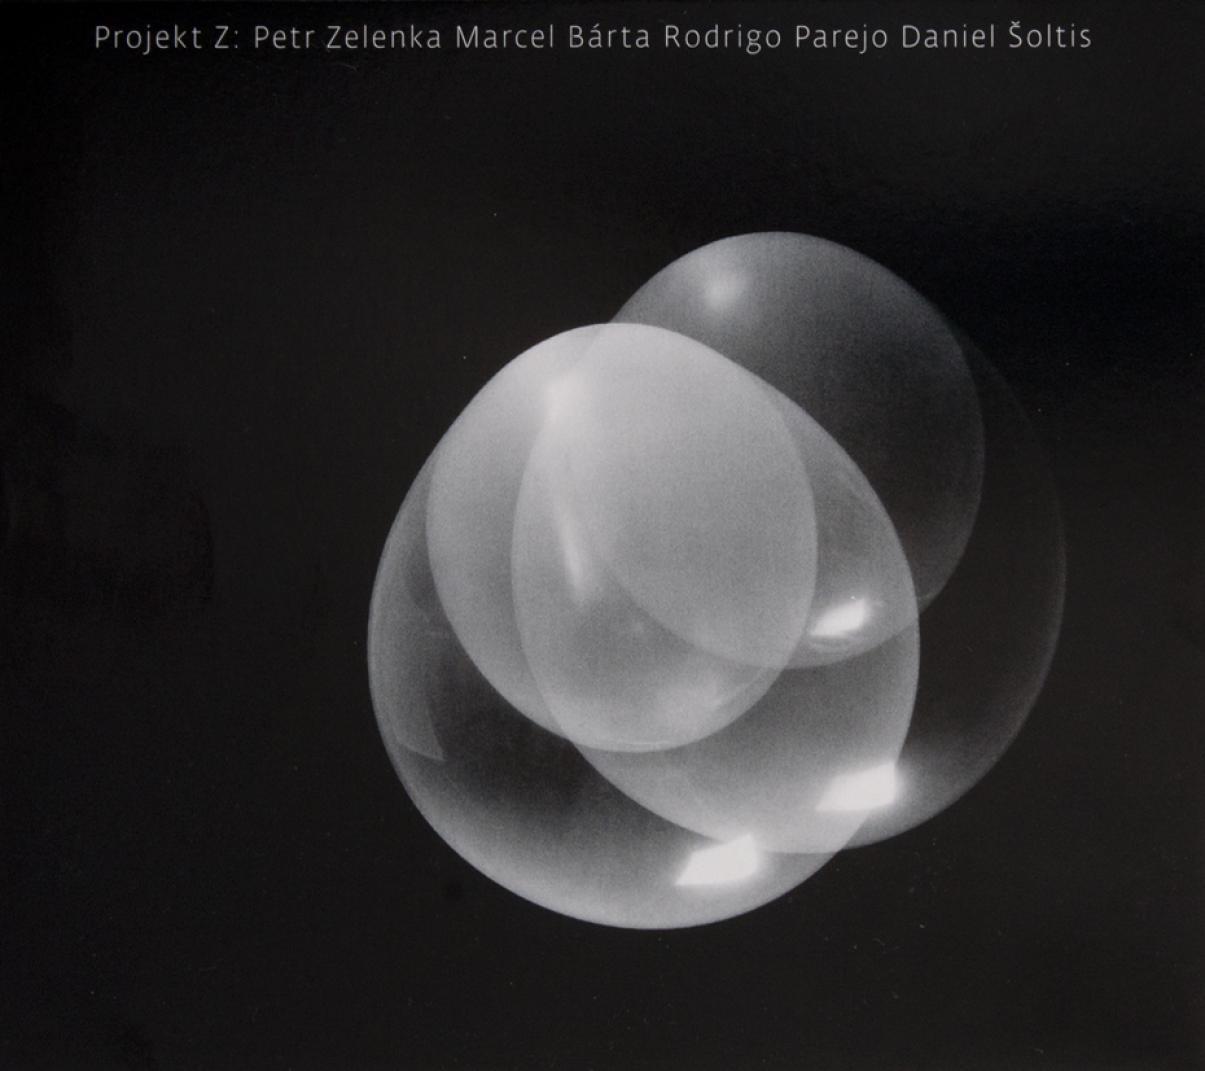 Petr Zelenka/Marcel Bárta/Rodrigo Parejo/Daniel Šoltis: Projekt Z